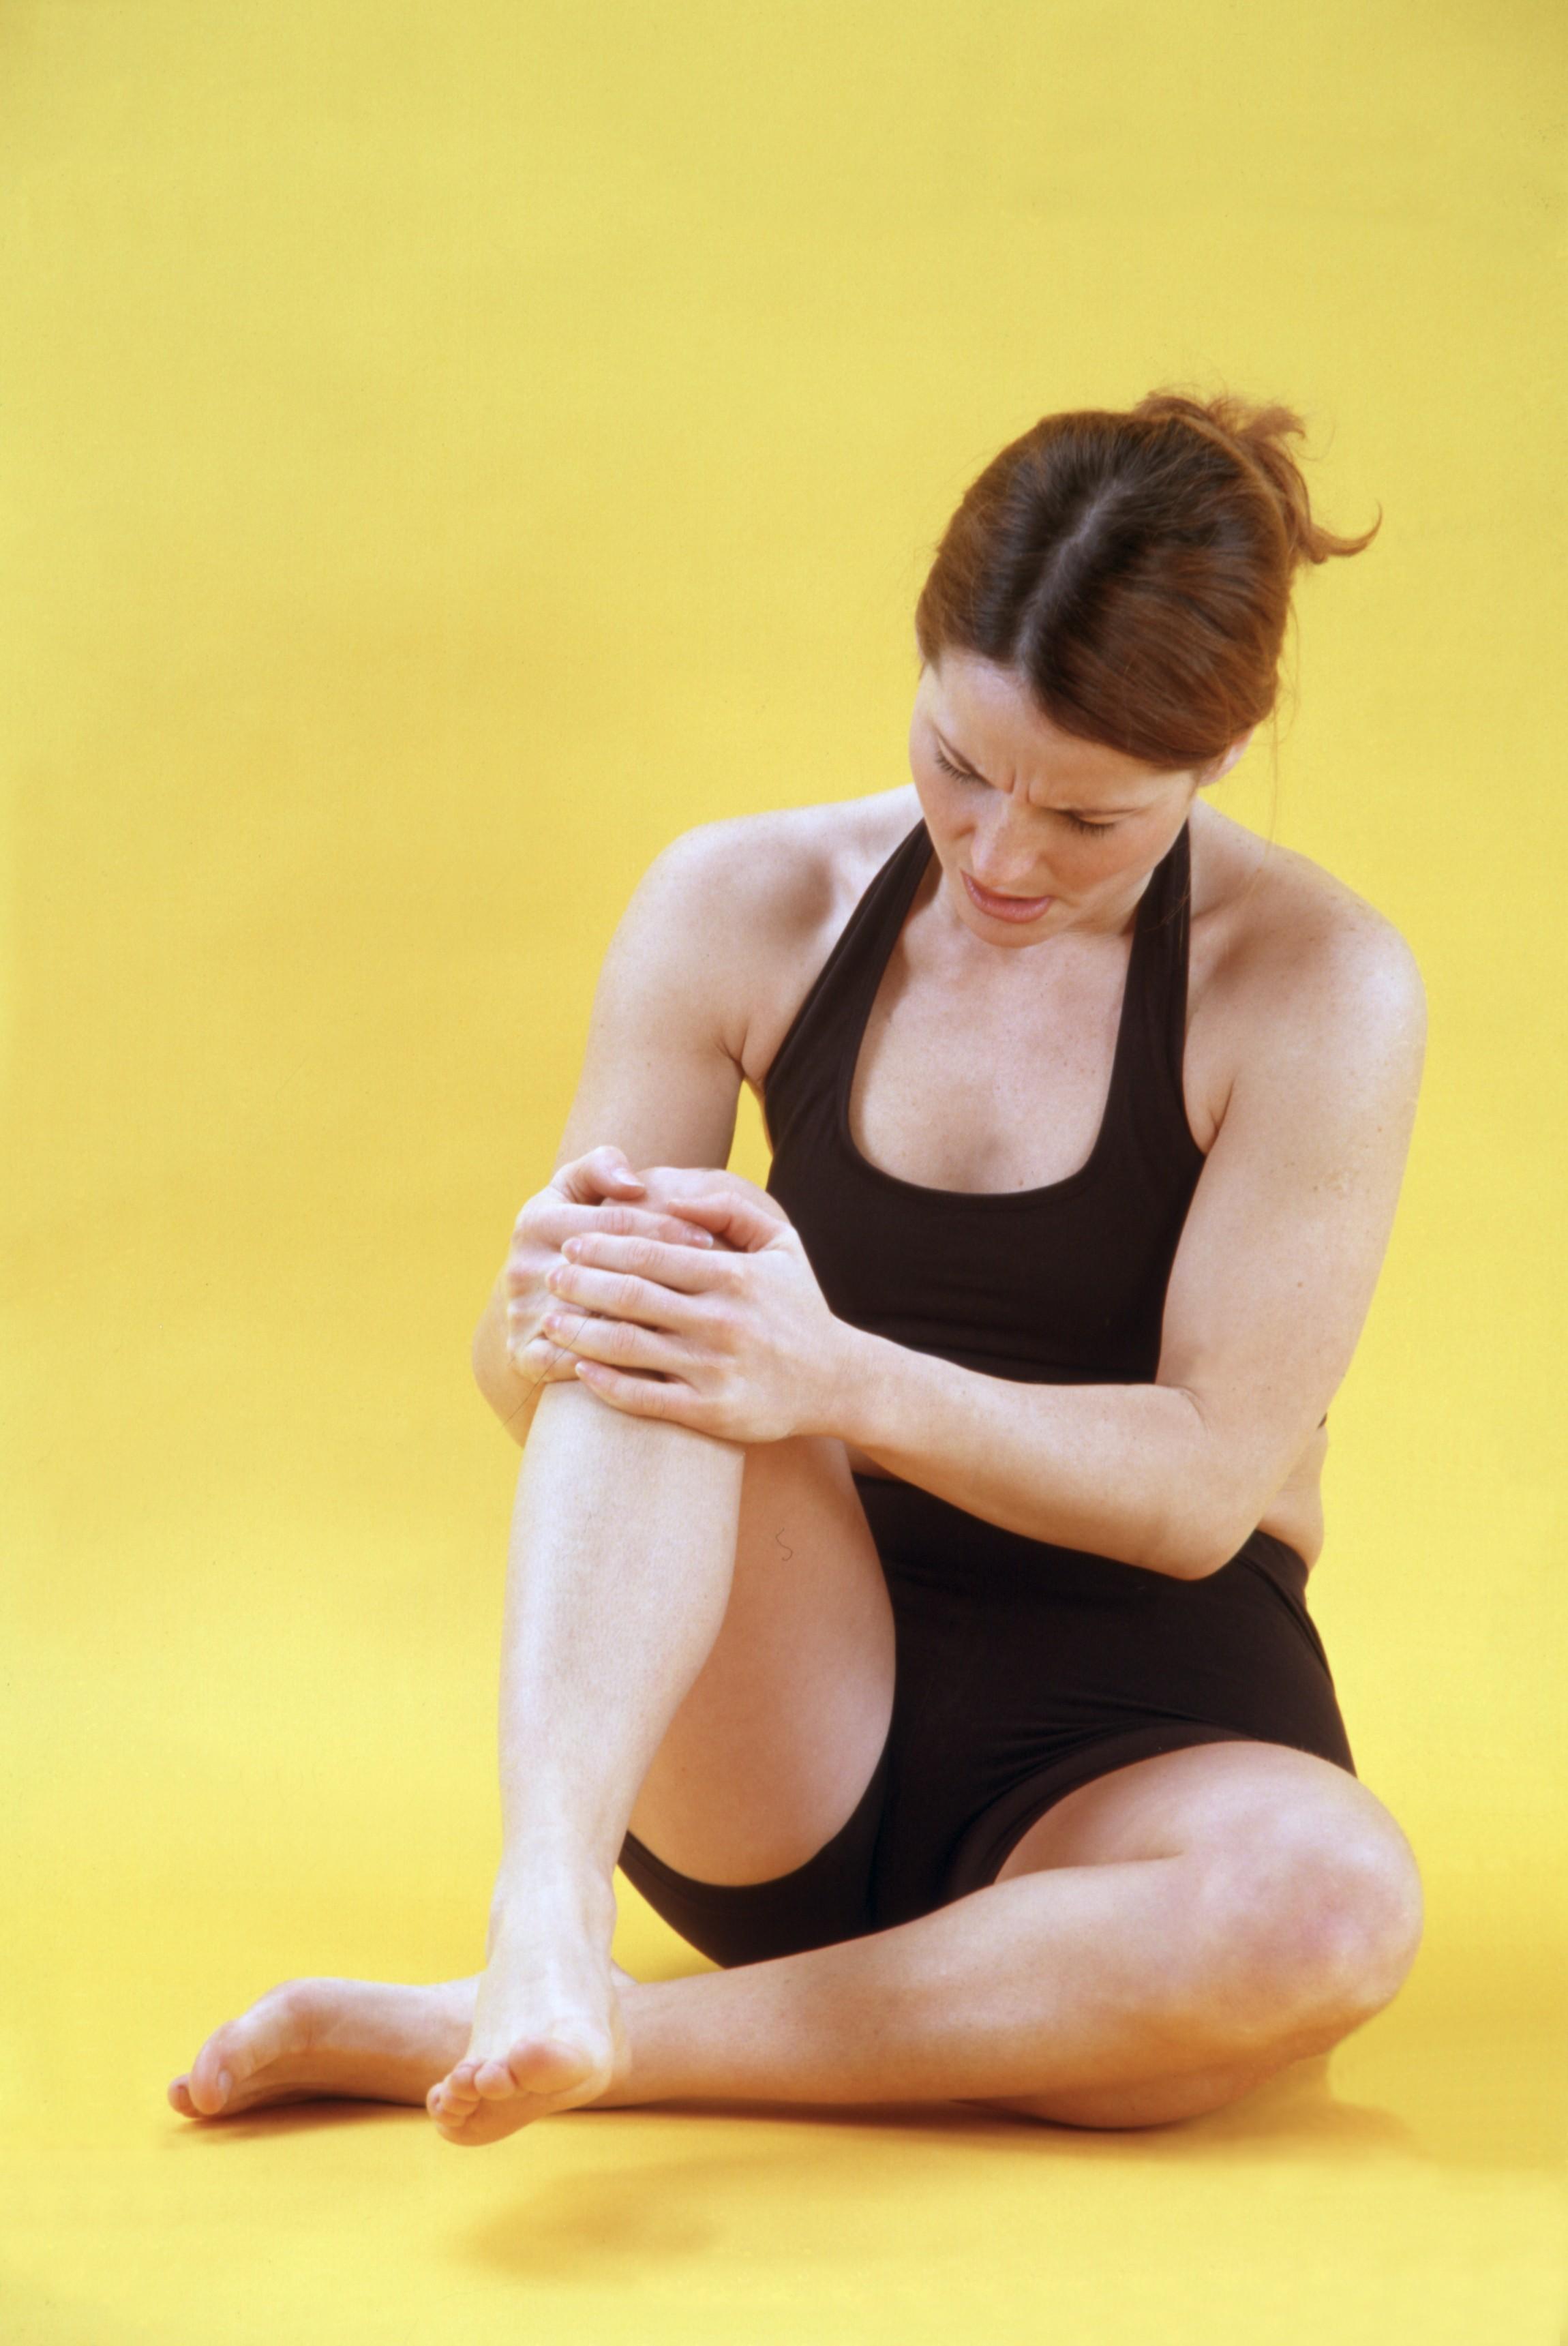 térdízületi fájdalomkezelés közös gélek ára